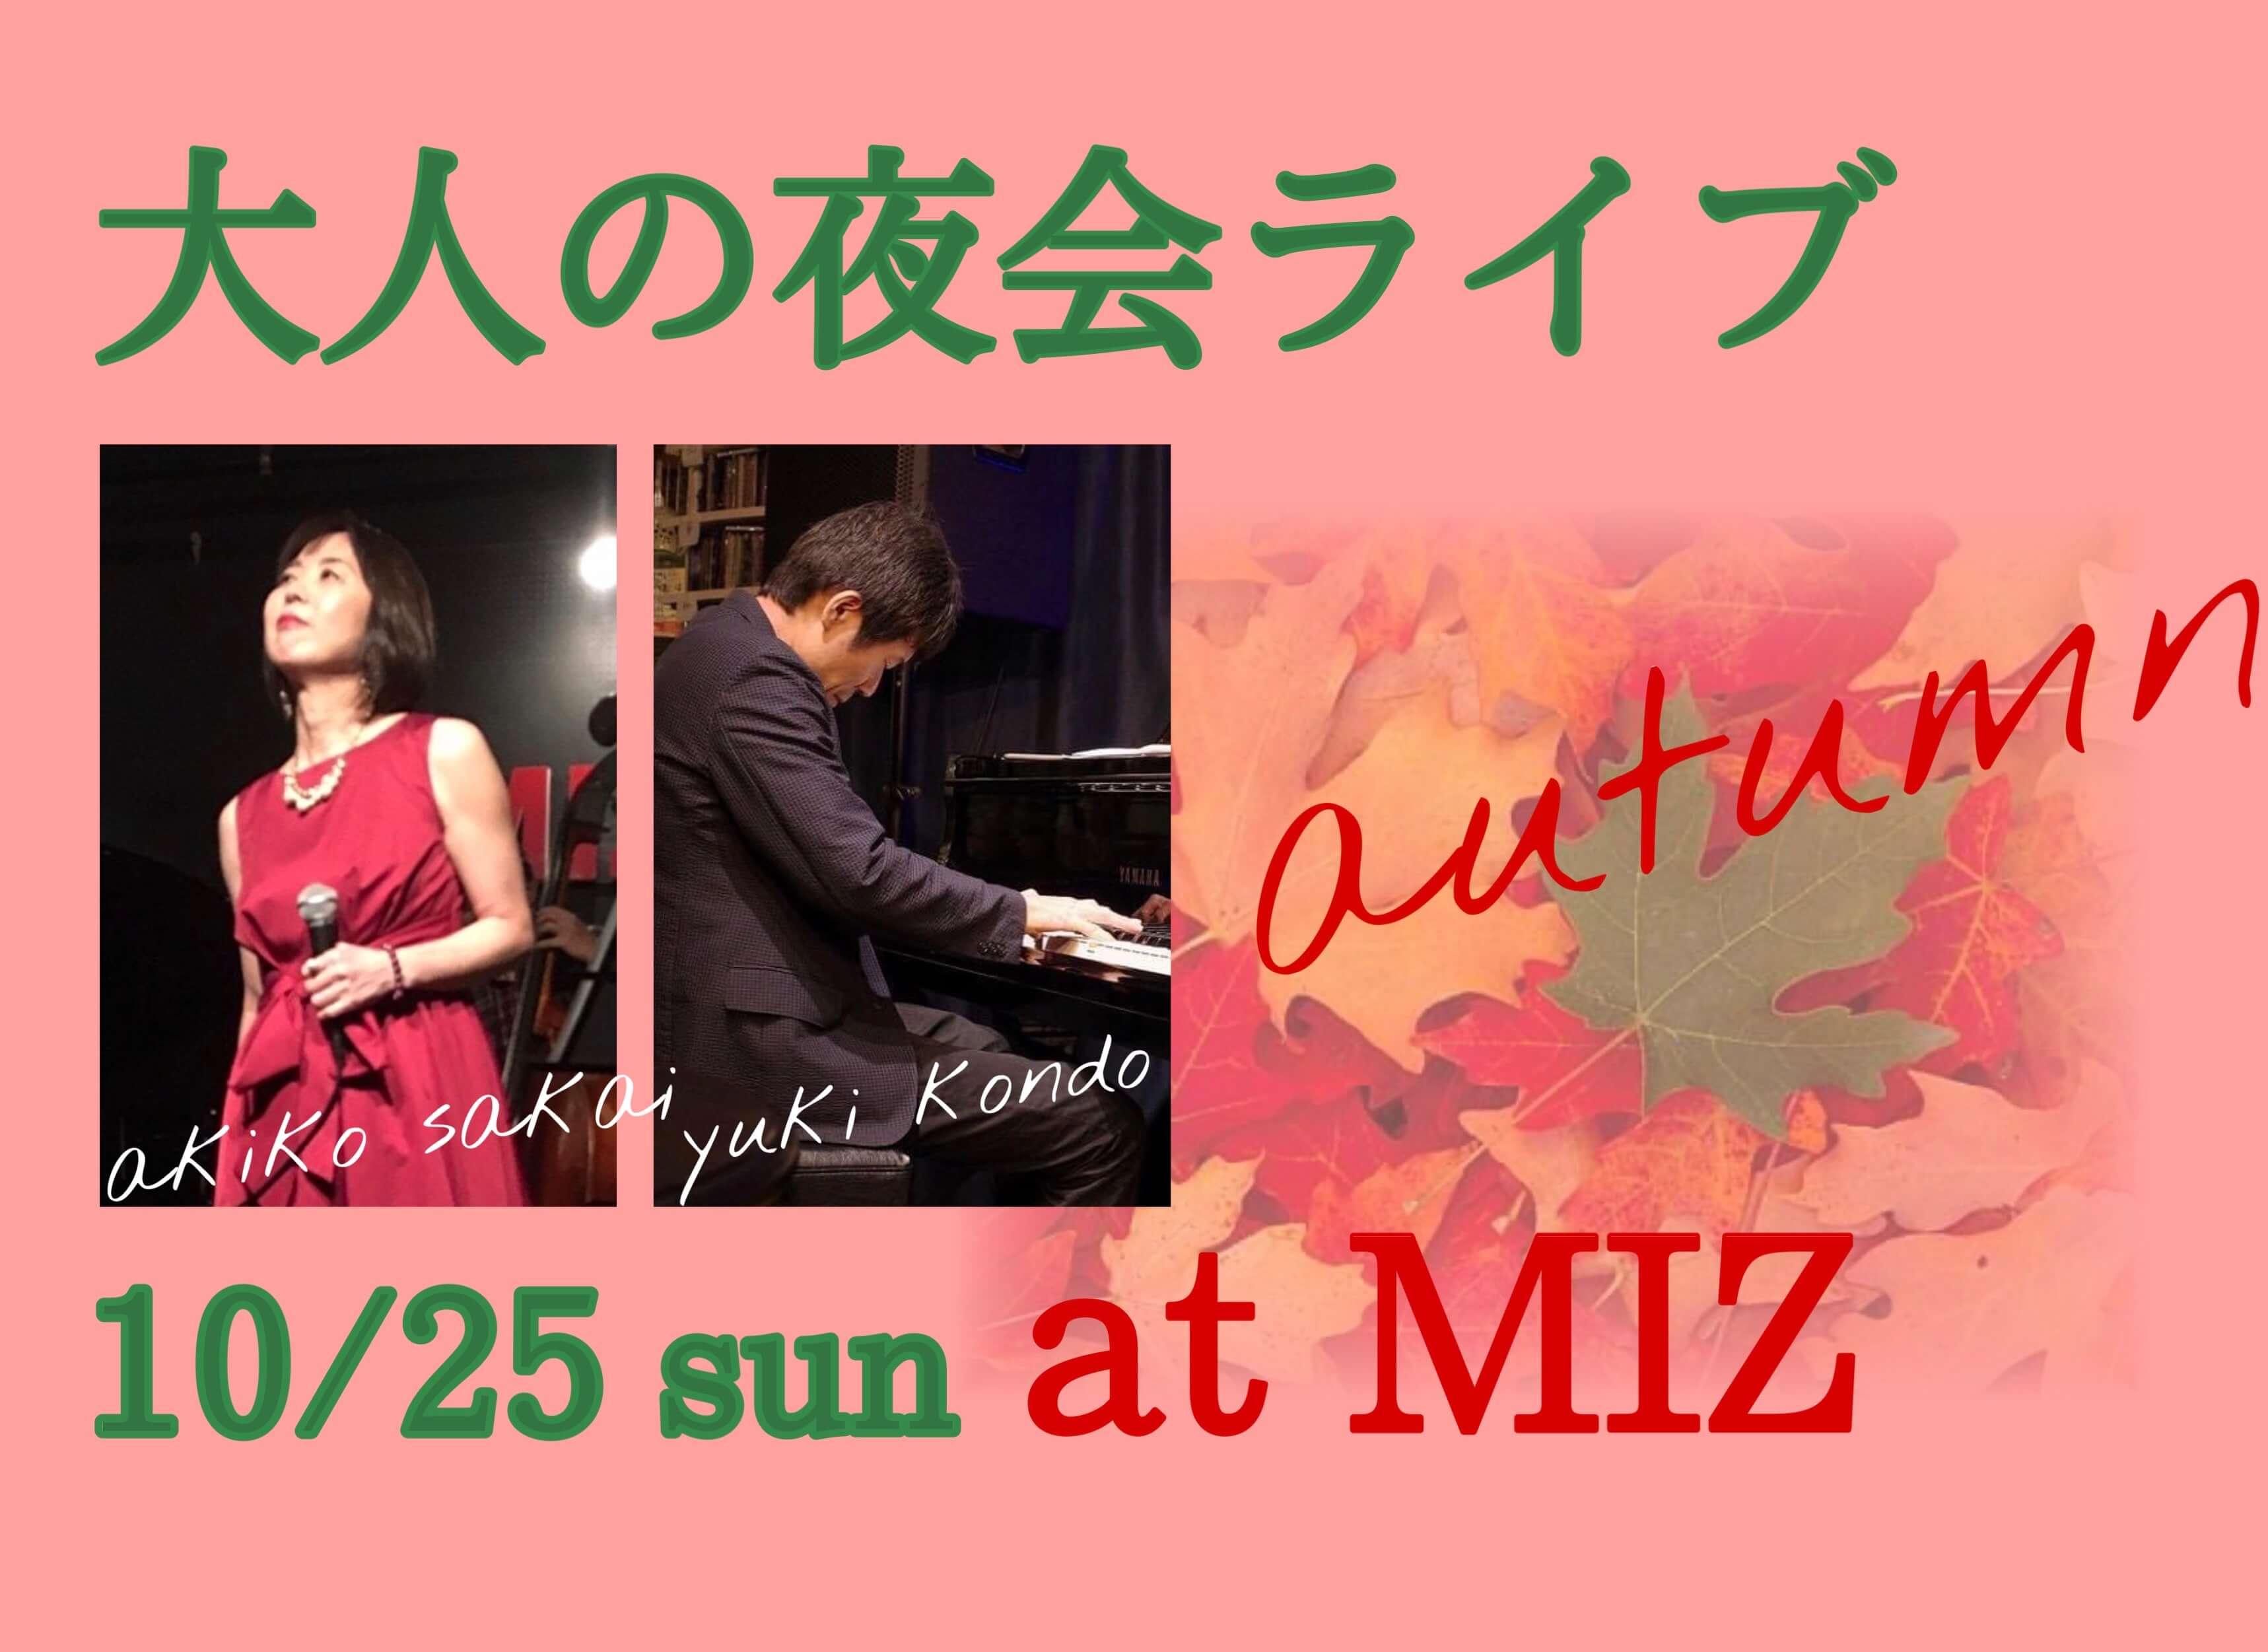 大人の夜会ライブ♪10/25(日)可児市MIZ